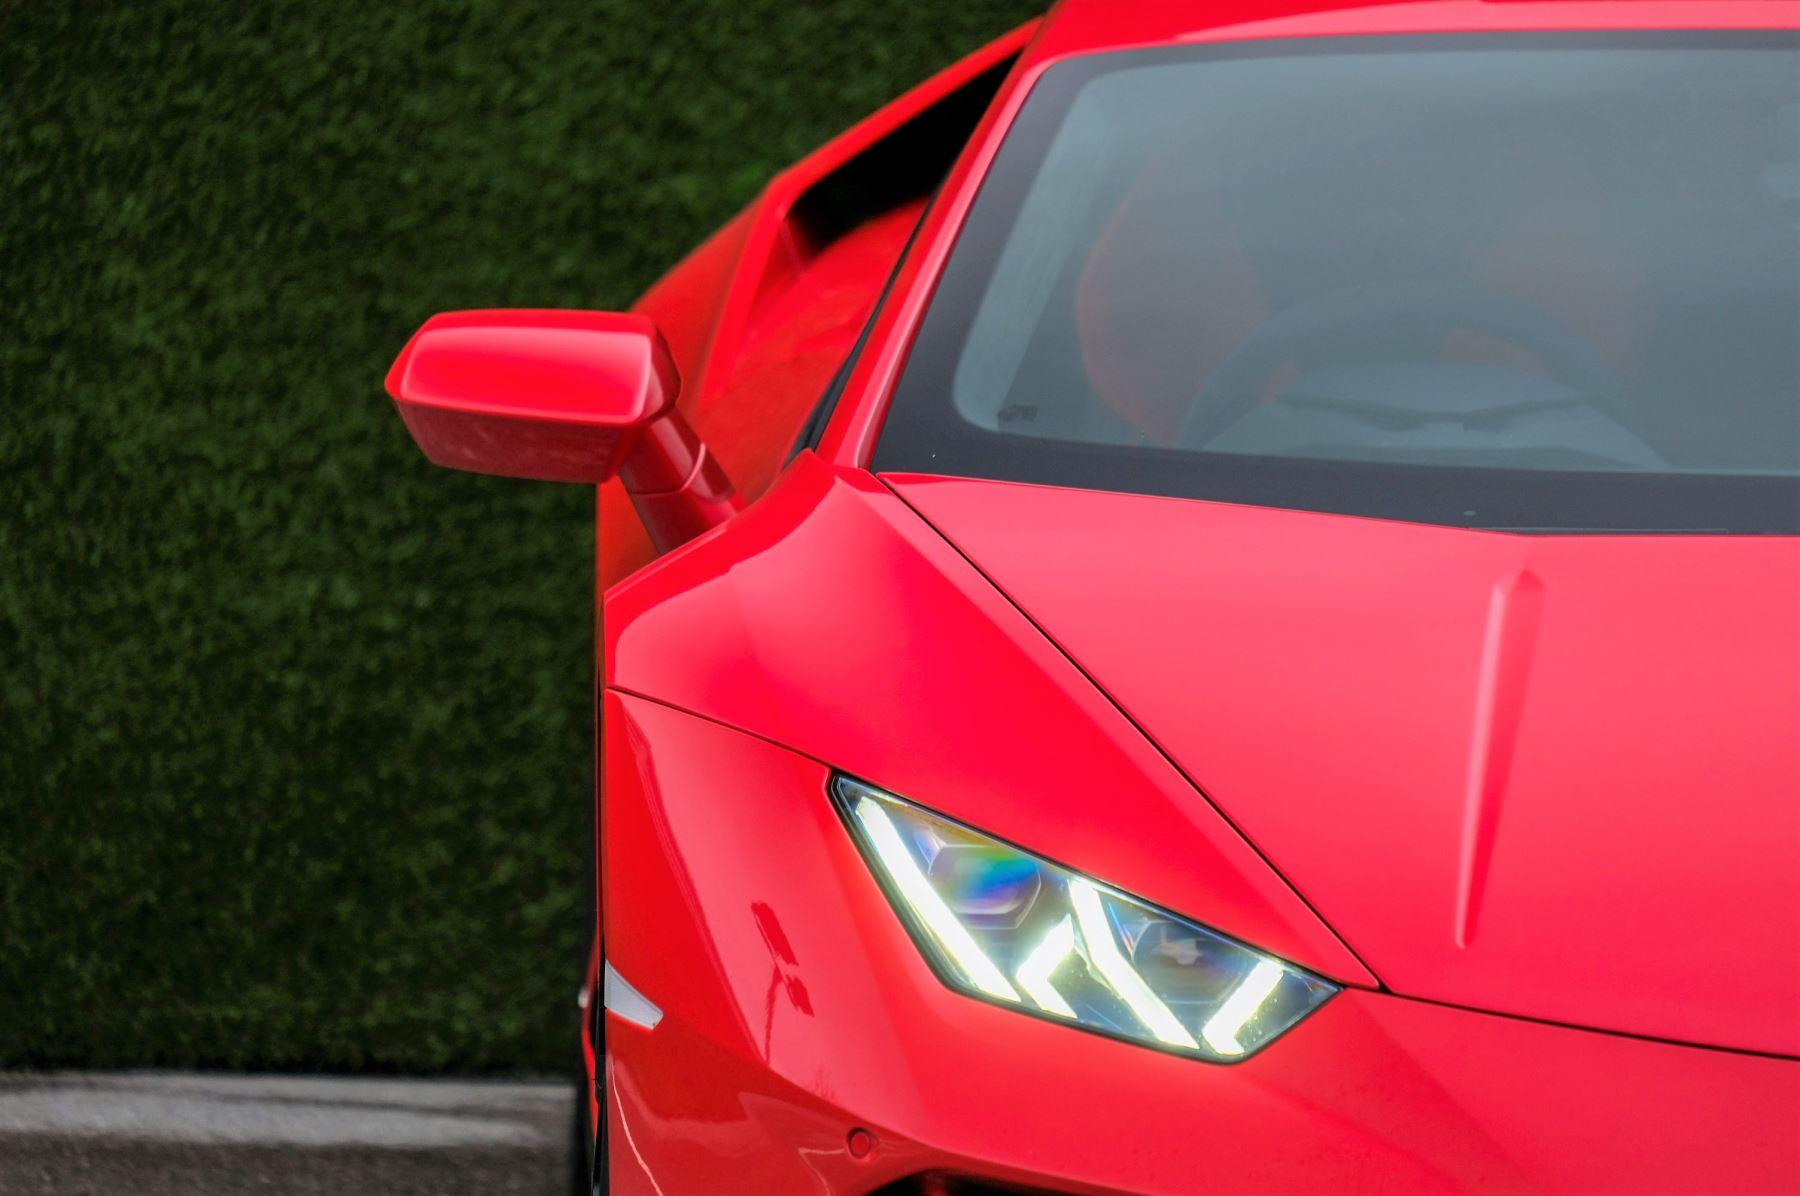 Lamborghini Huracan 5.2 V10 640 2dr Auto AWD image 10